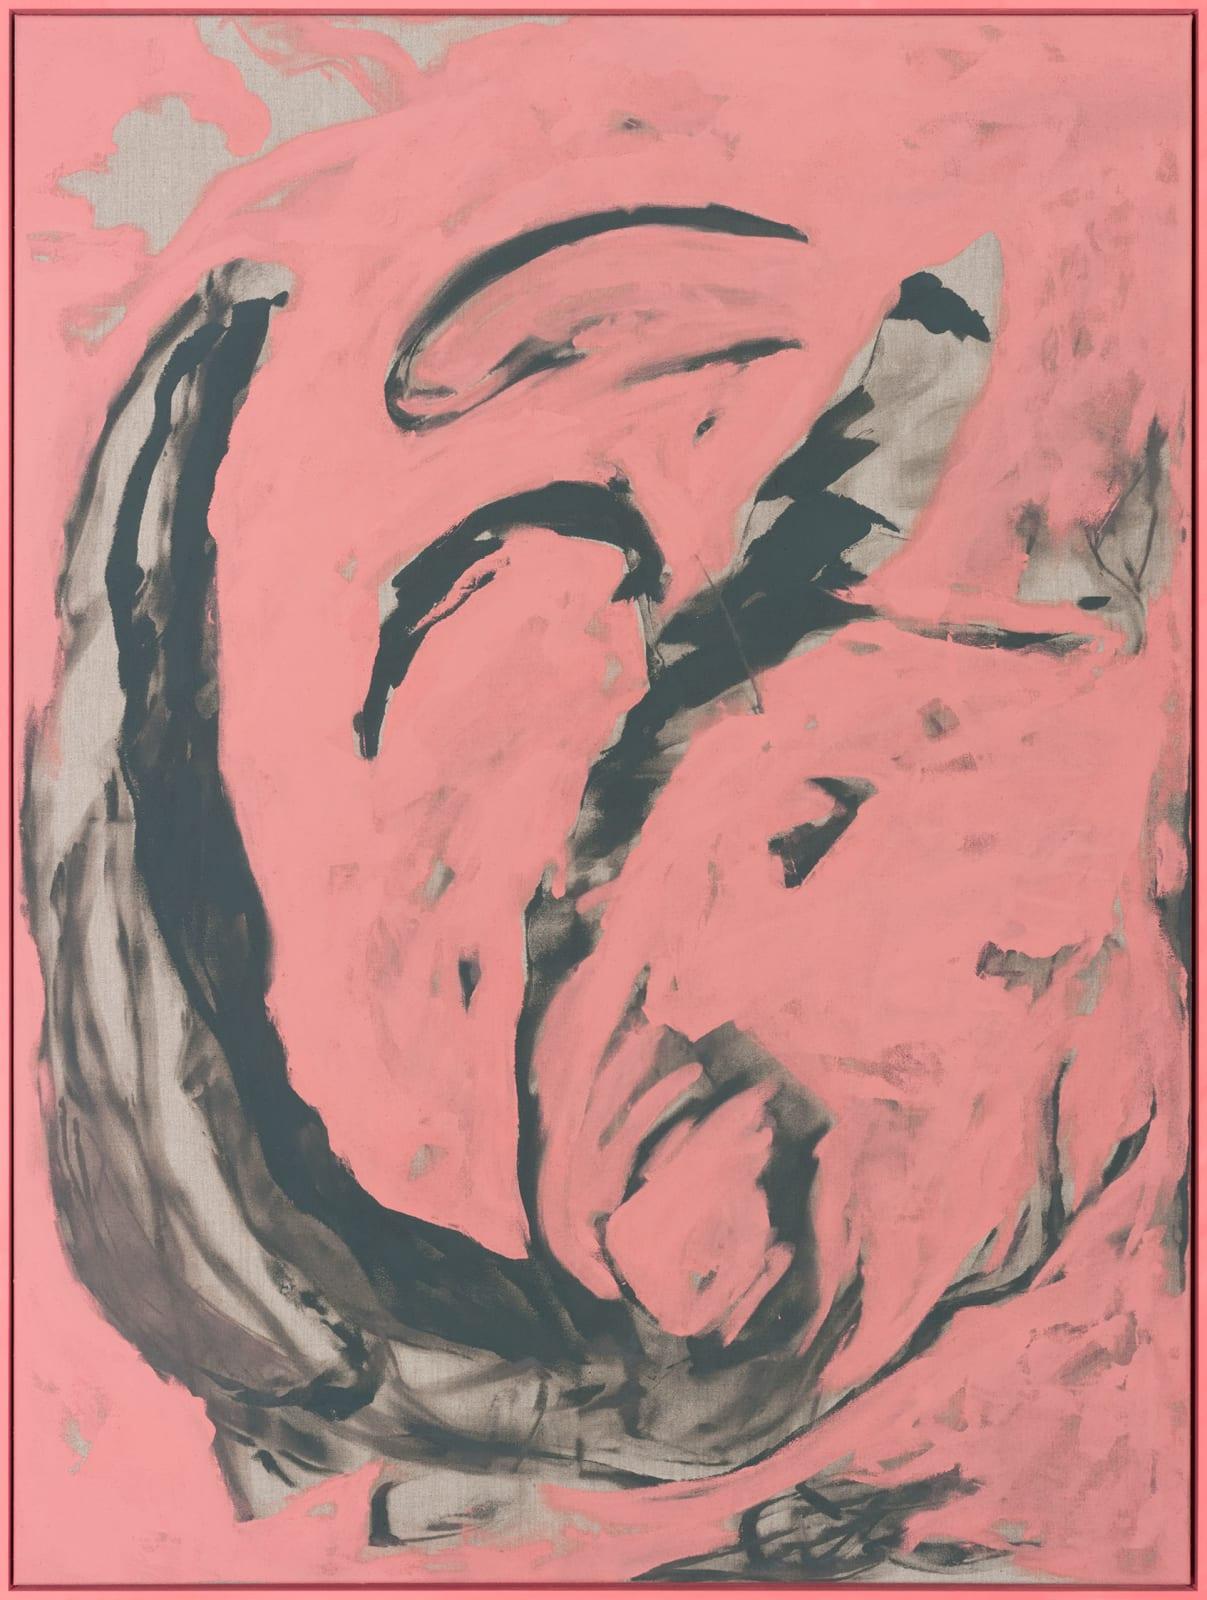 Michael Müller, Traurige Tropen in rosa, 2019